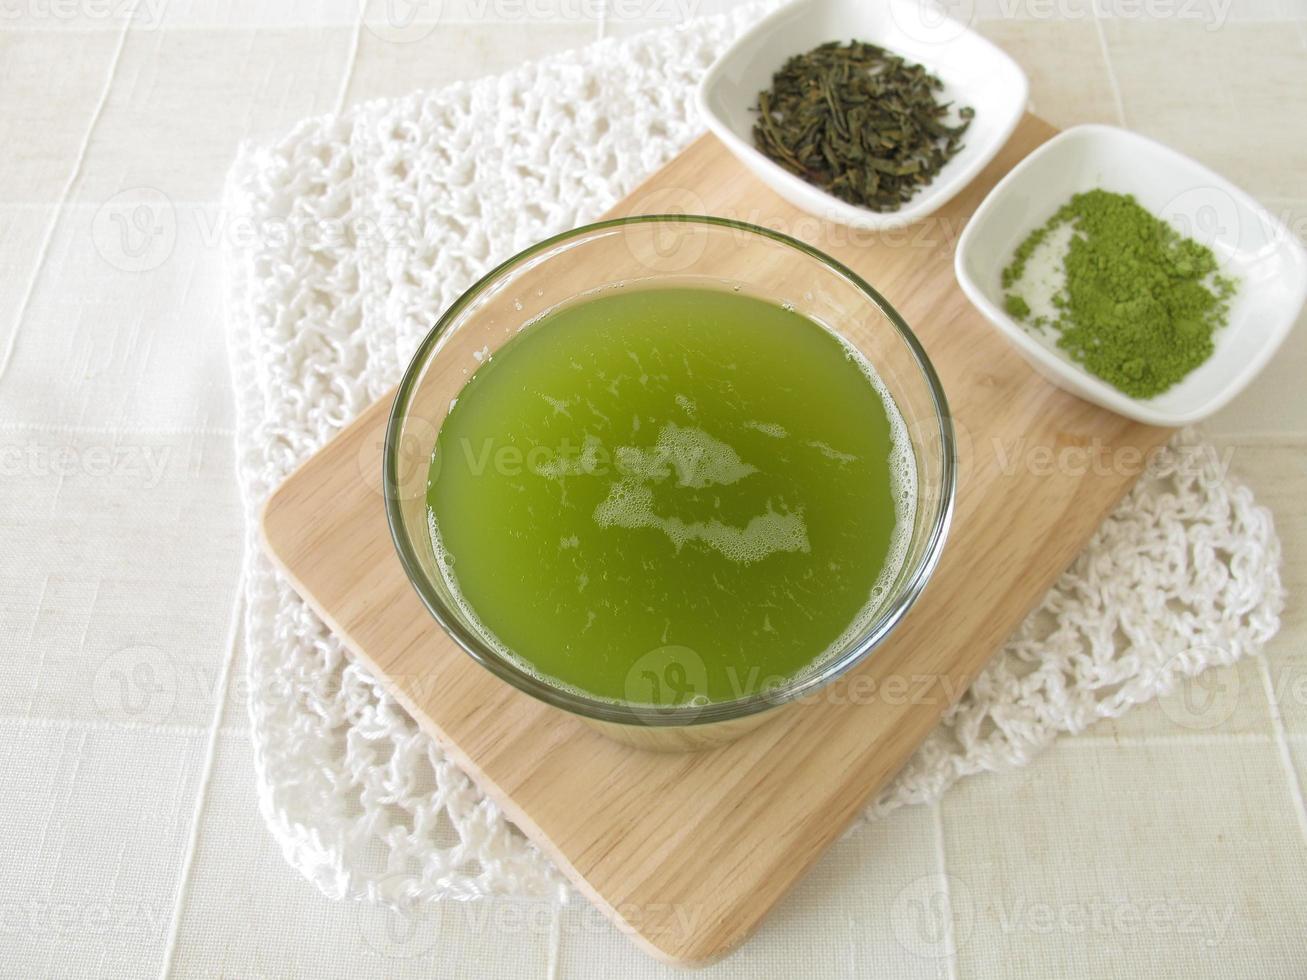 té verde sencha con matcha foto